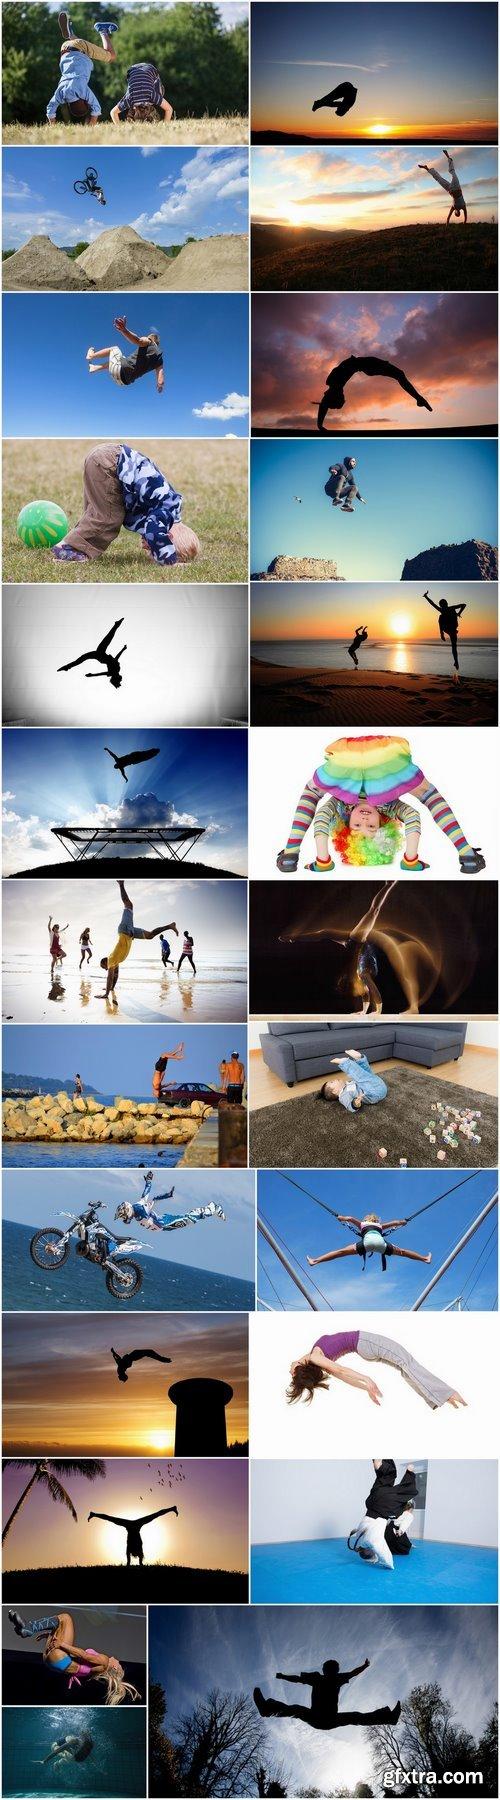 Tumble jump flip urban sport flip mortale 25 HQ Jpeg